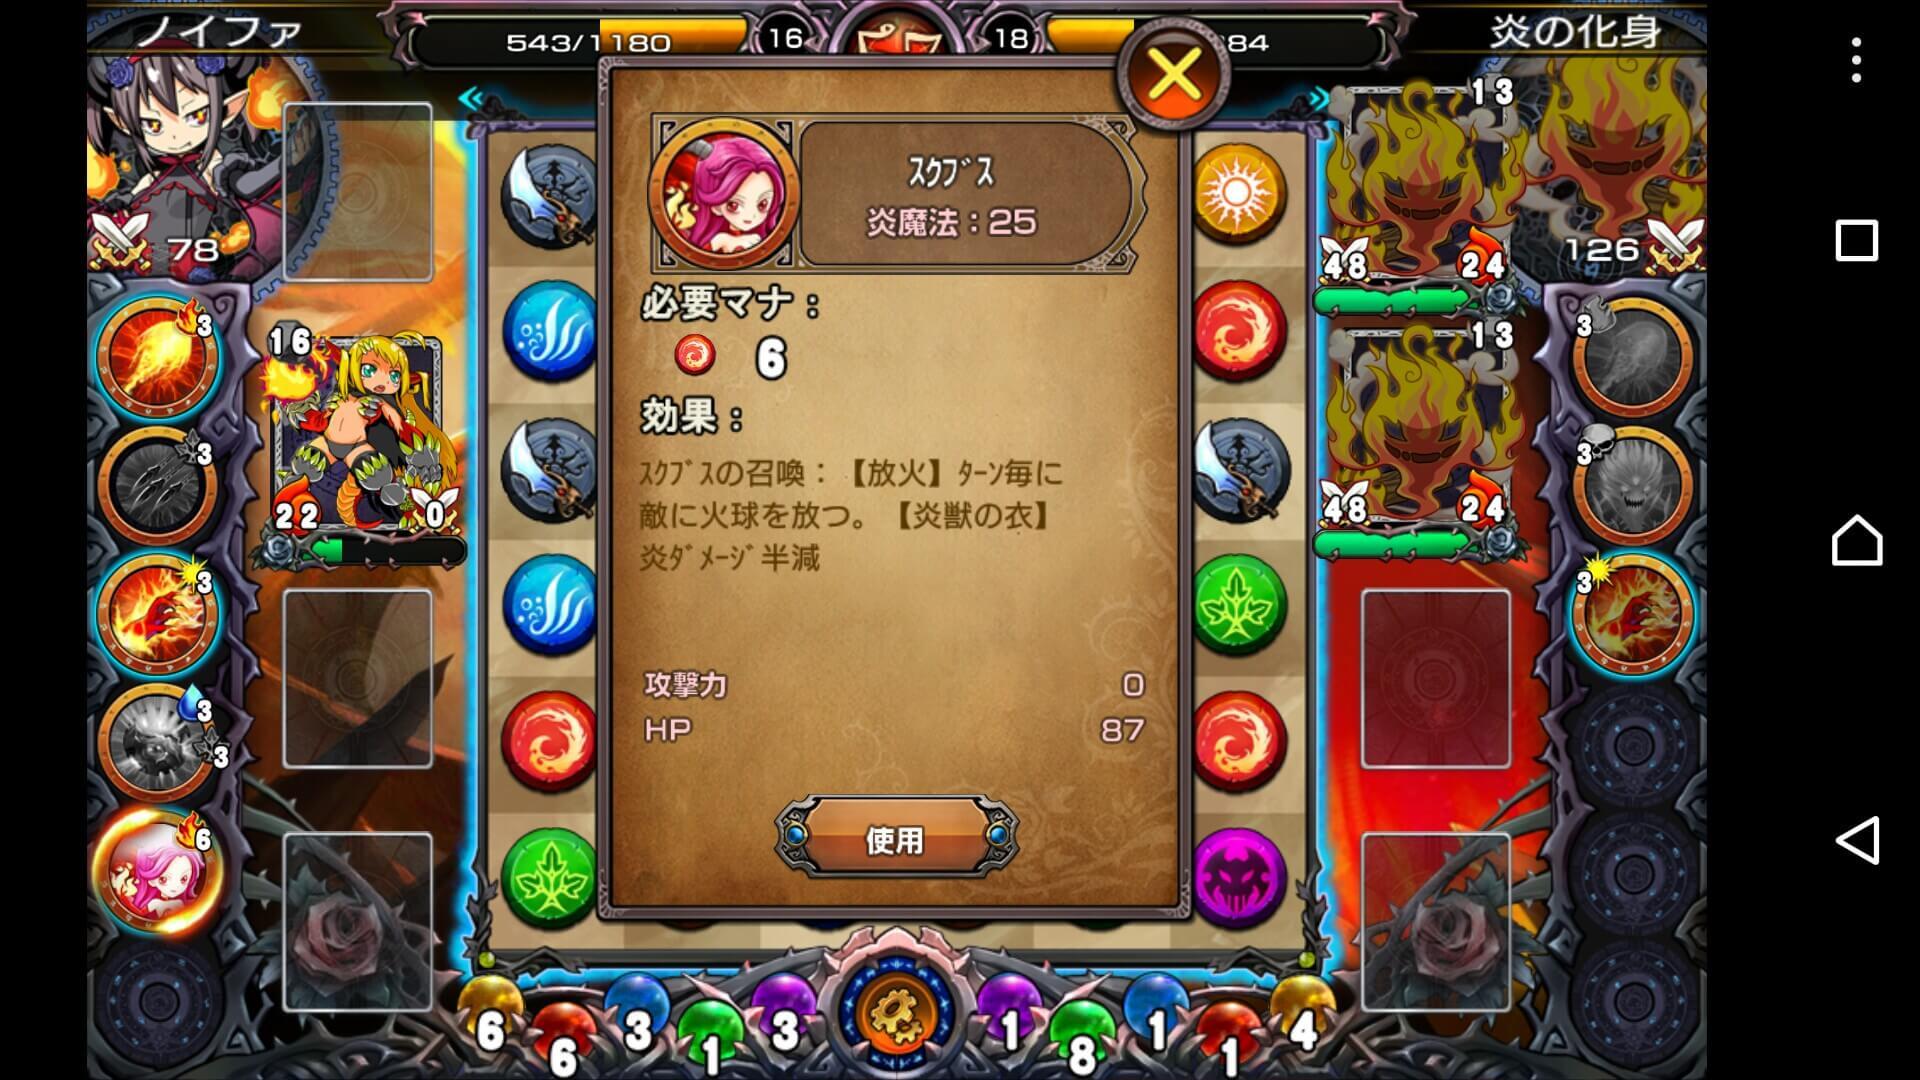 オルタナマジック-魔女戦記12 召喚獣スクブス